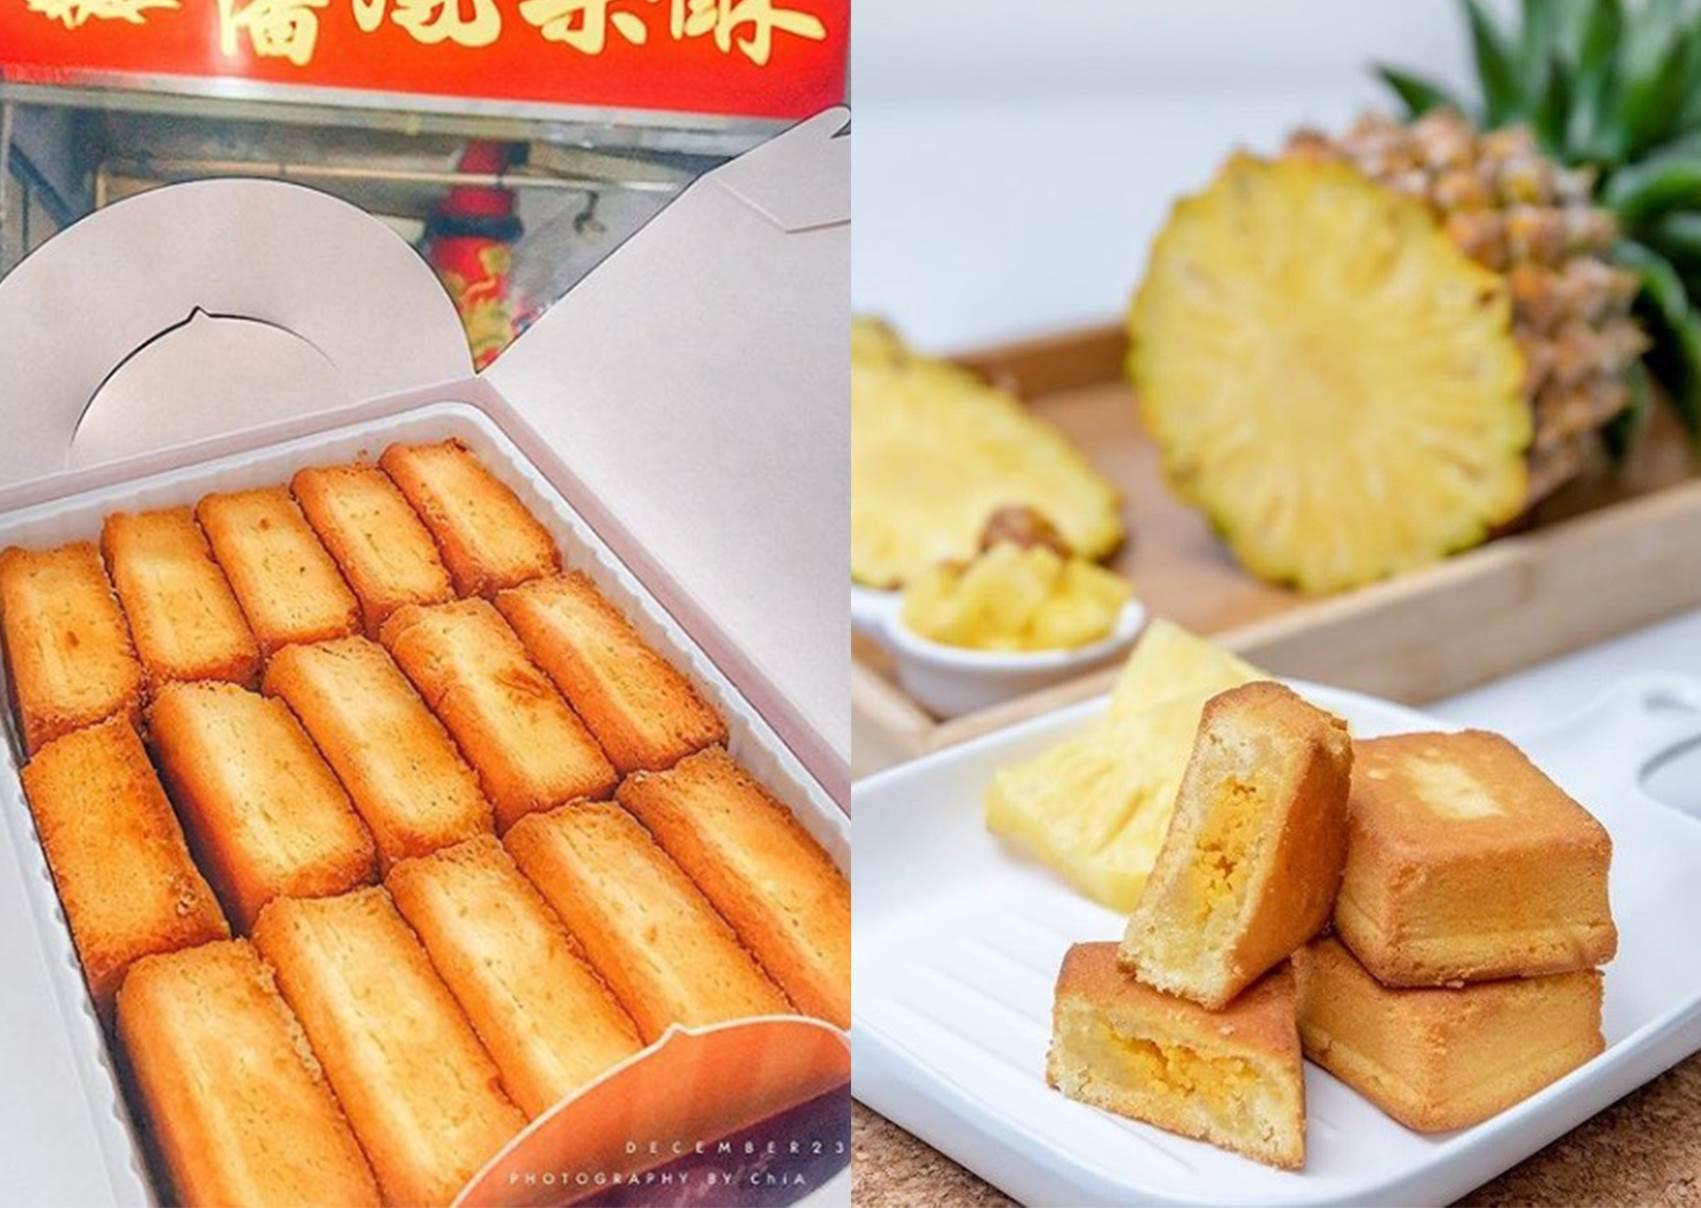 古早味就是耐吃!「低調系鳳梨酥」默默在巷子裡熱賣,香酥微甜鳳梨味排上N個小時也甘願!